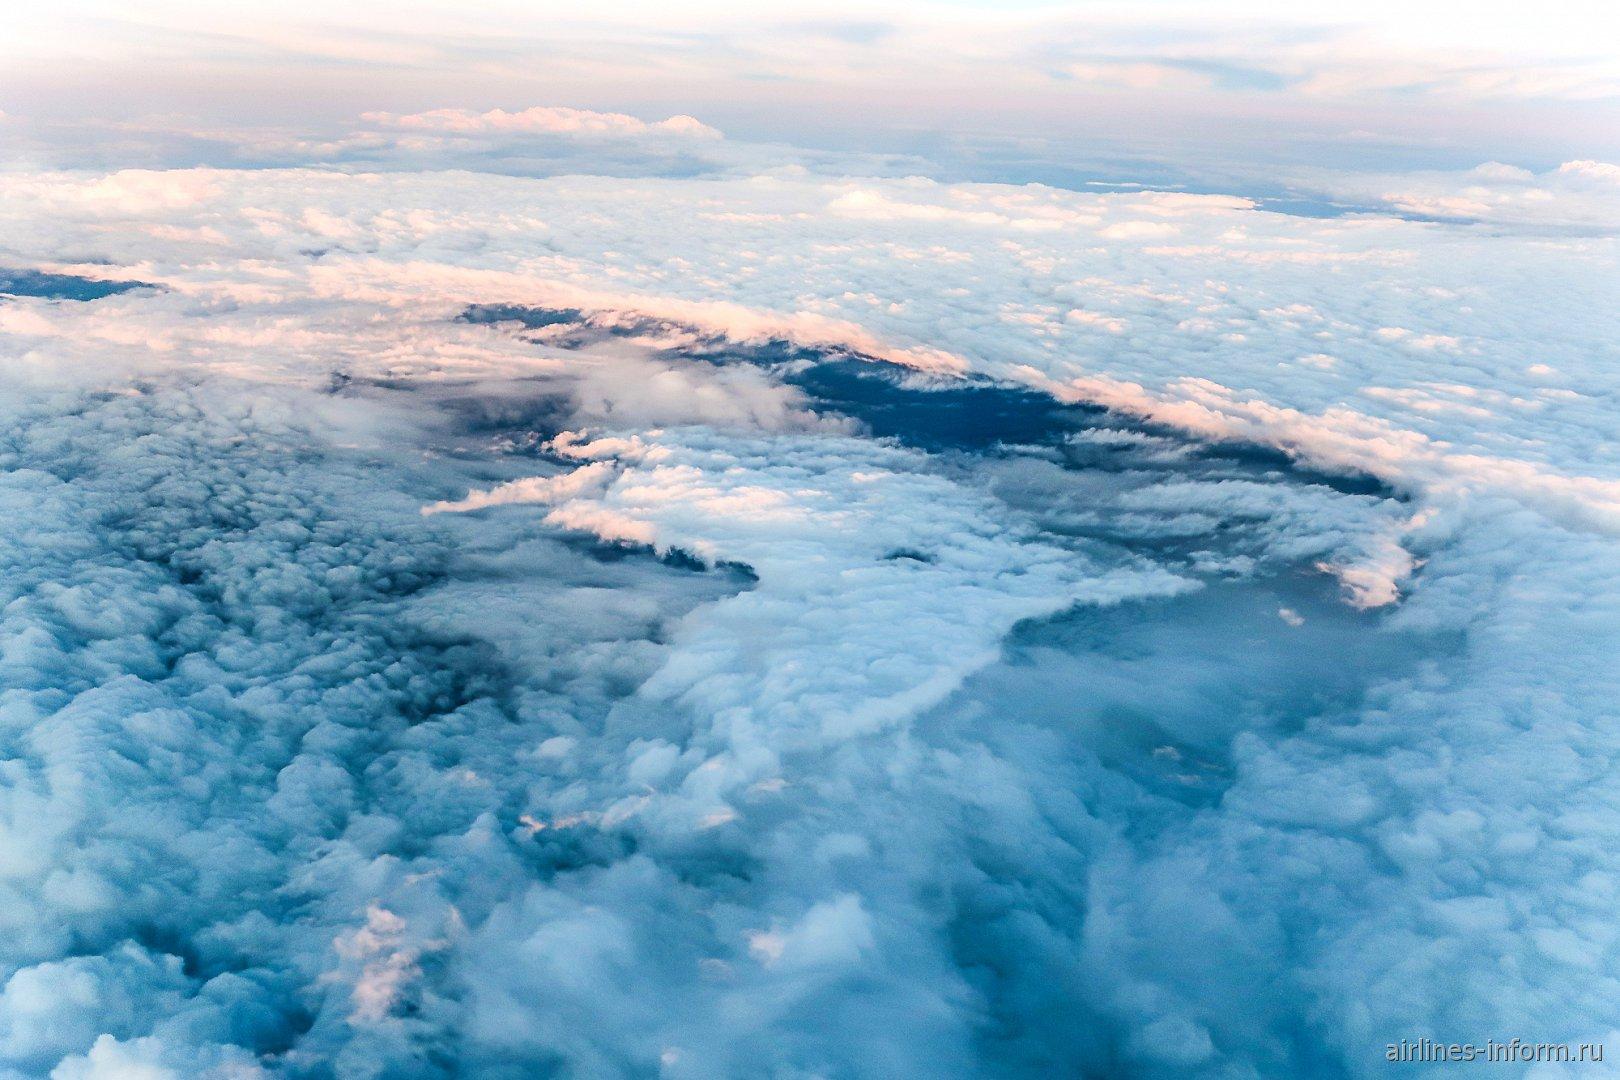 Слои облаков над центральной частью России